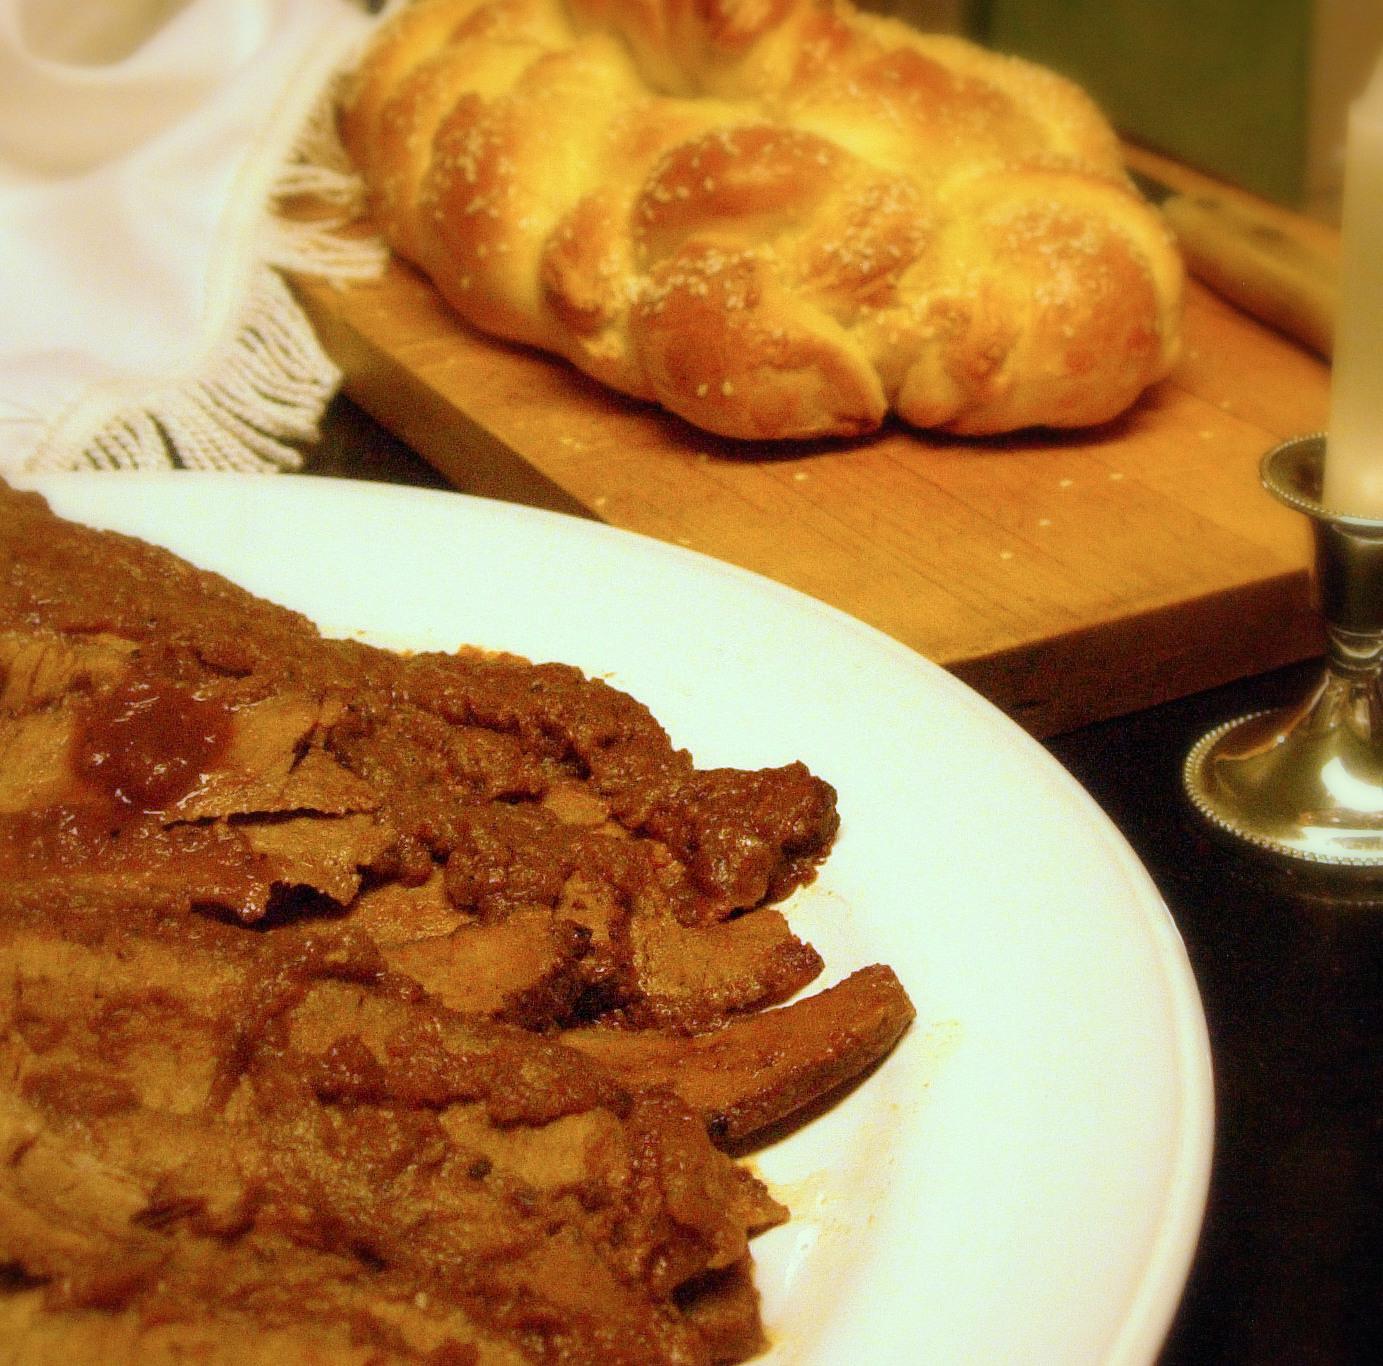 Jewish Brisket With Onion Gravy Or My Mother S Brisket